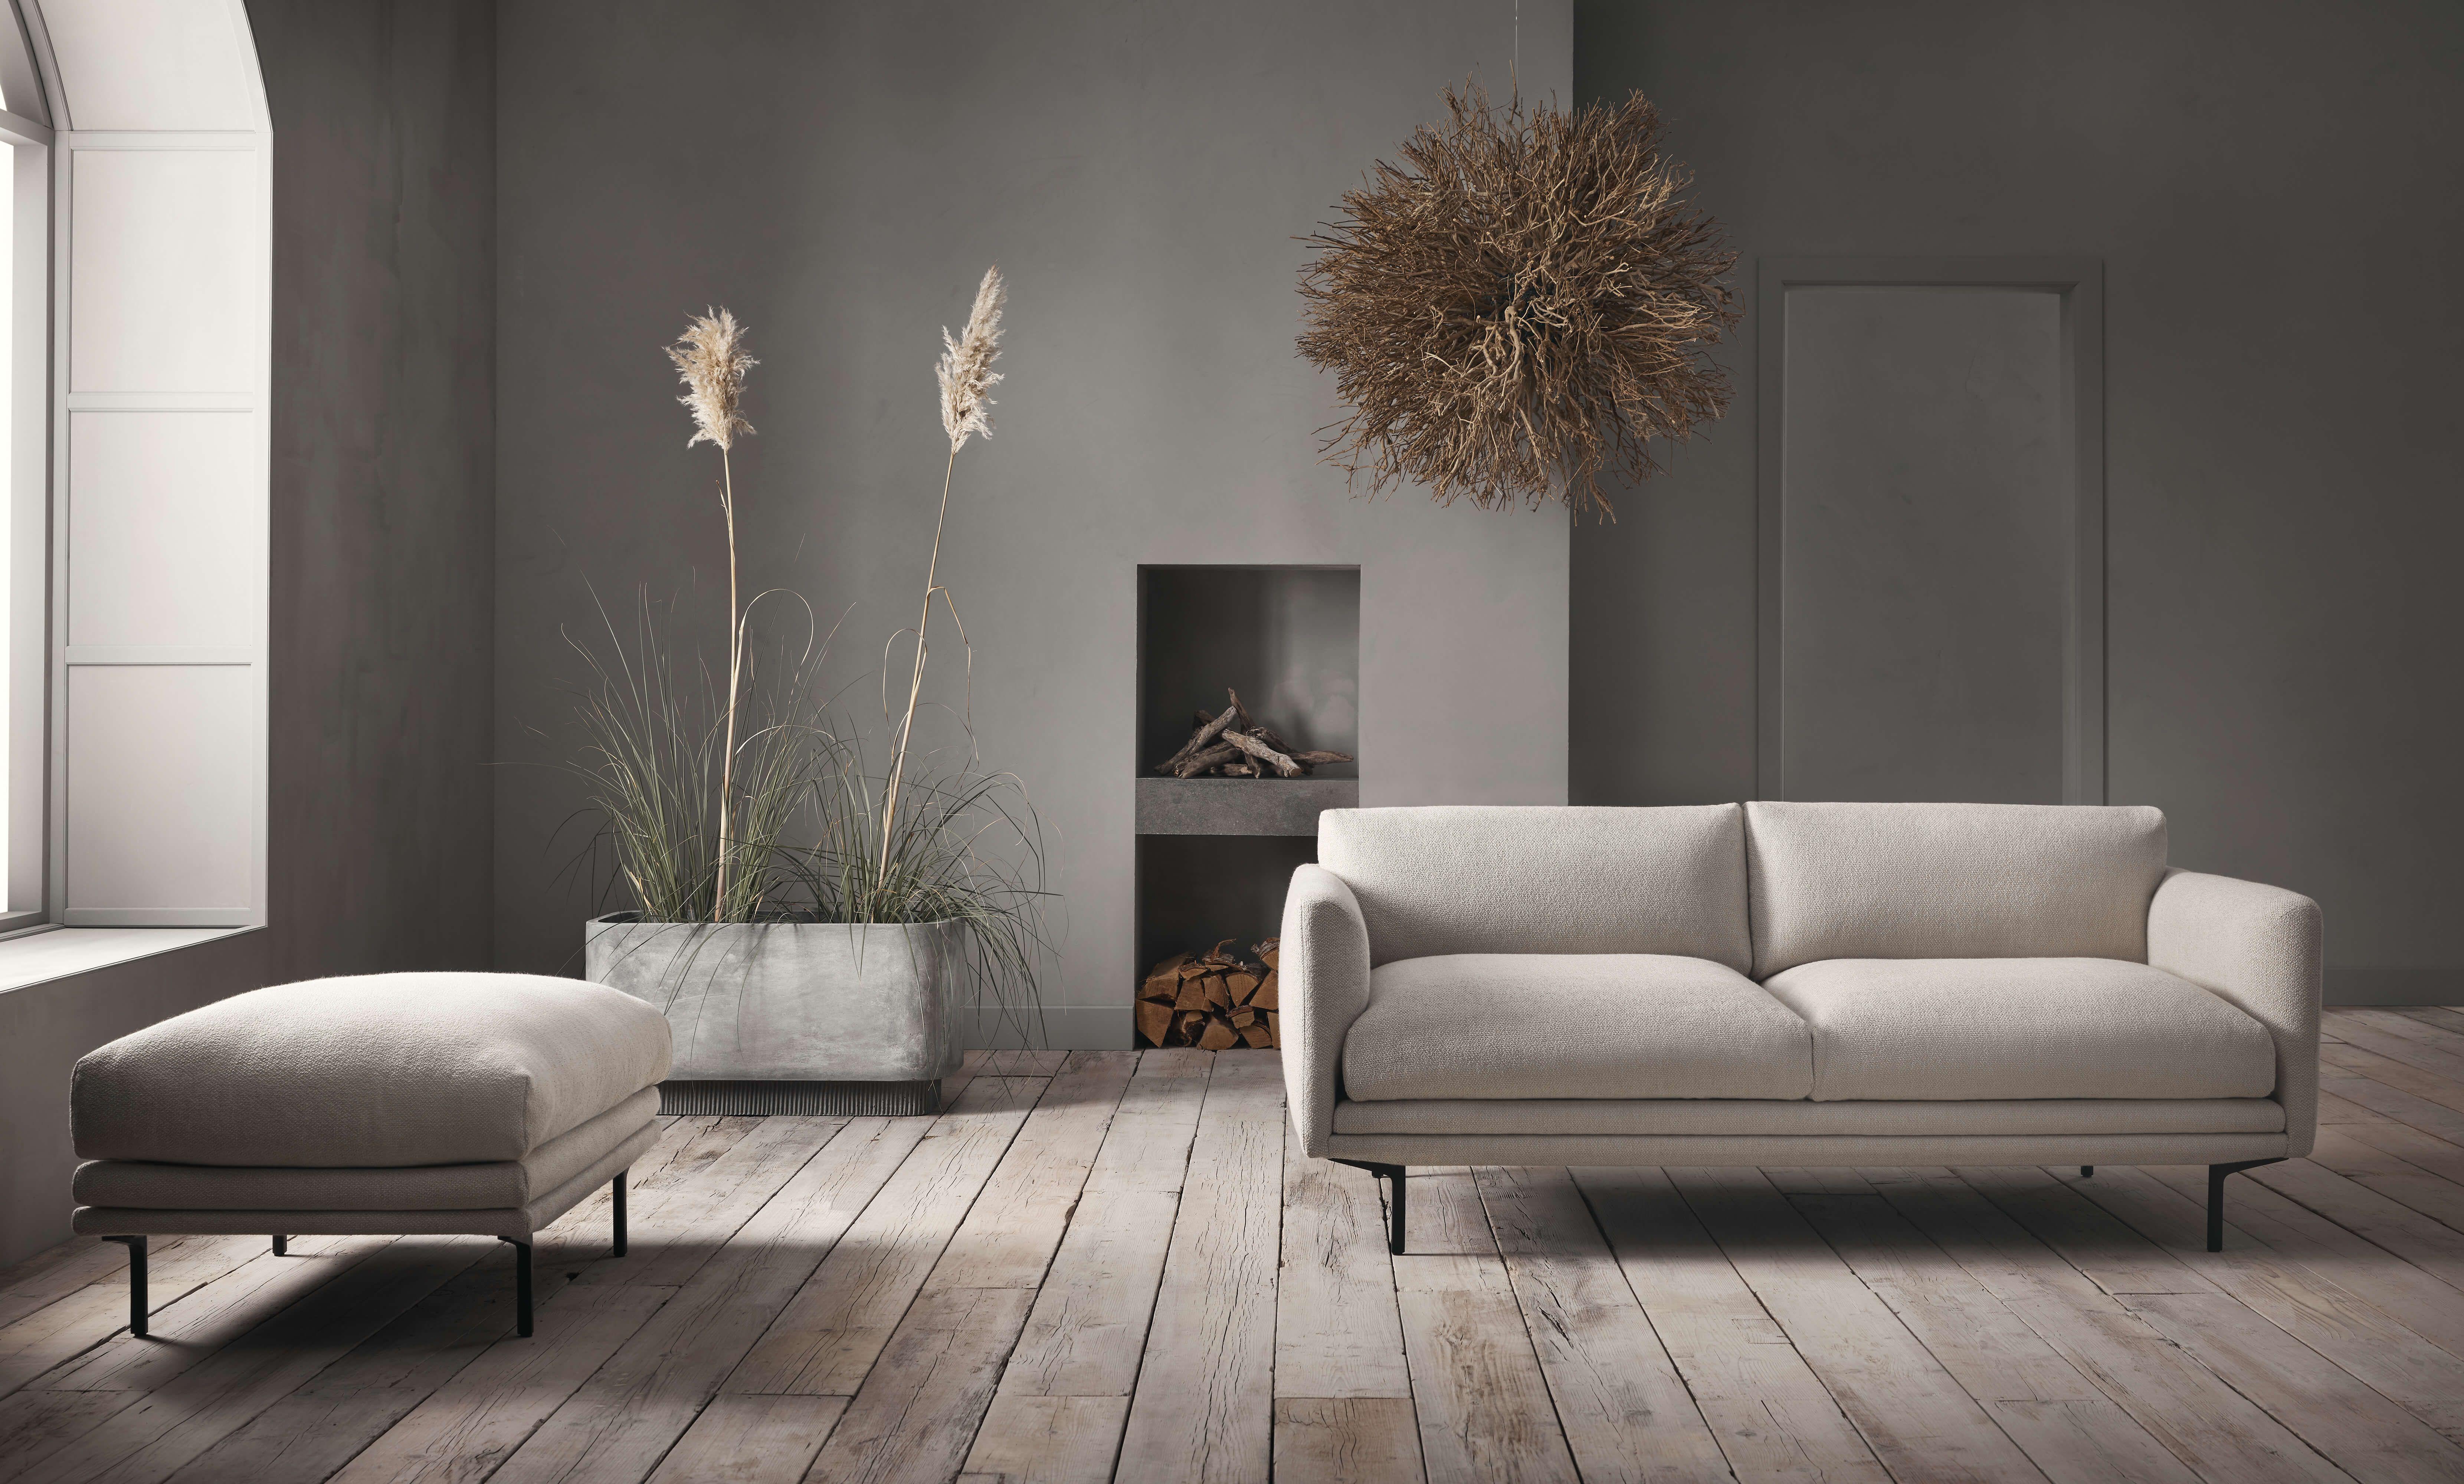 Lomi Sofa For Bolia Contemporary Furniture Design Beautiful Sofa Bed Beautiful Sofas